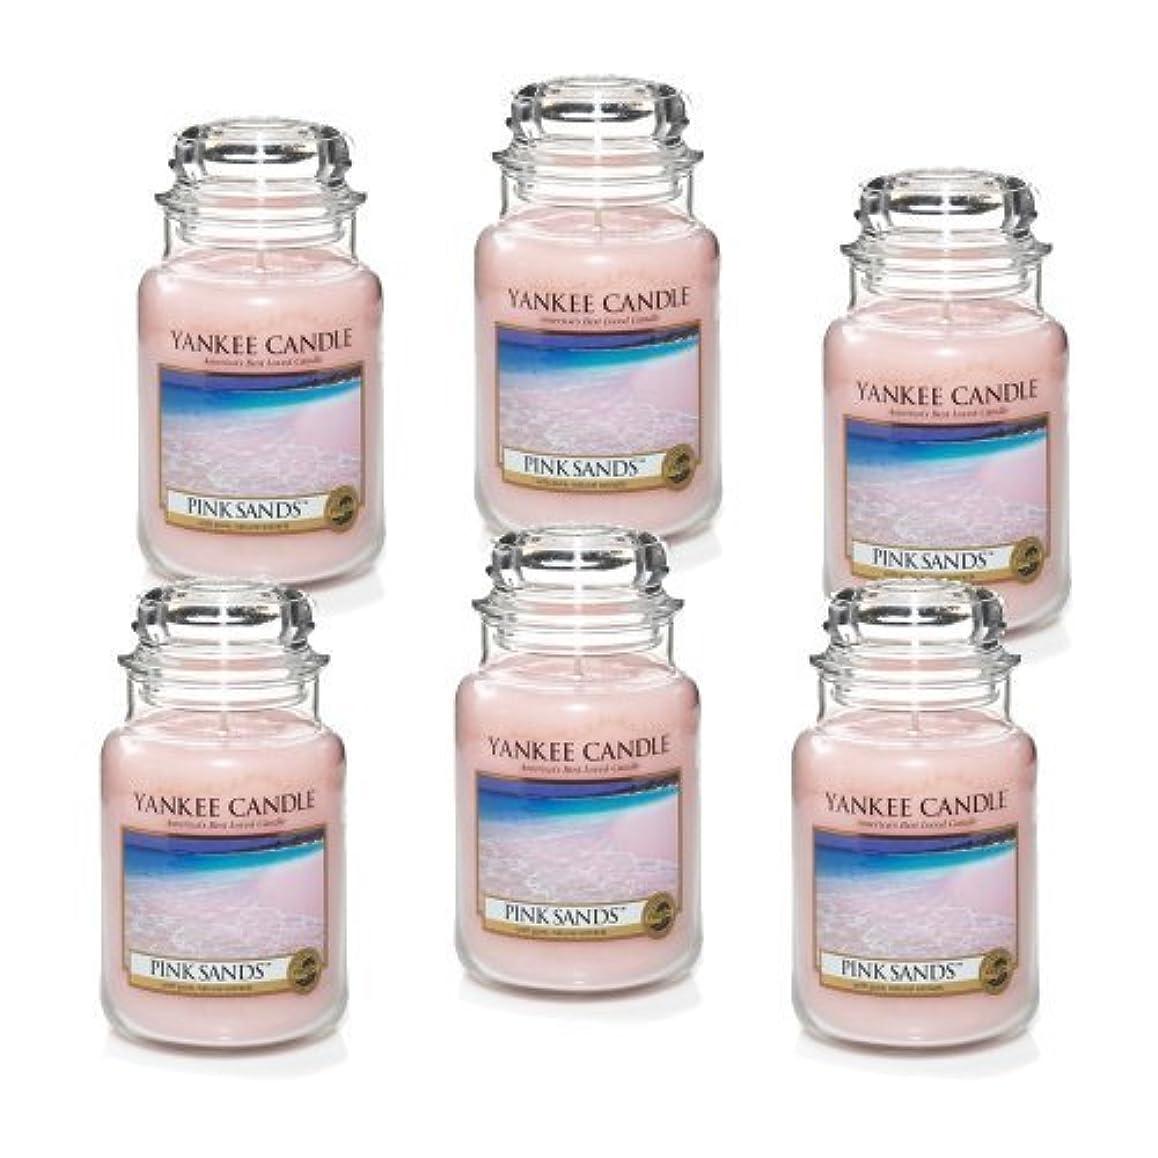 件名ビスケットメディカルYankee Candle Company 22-Ounce Pink Sands Jar Candle, Large, Set of 6 by Amazon source [並行輸入品]